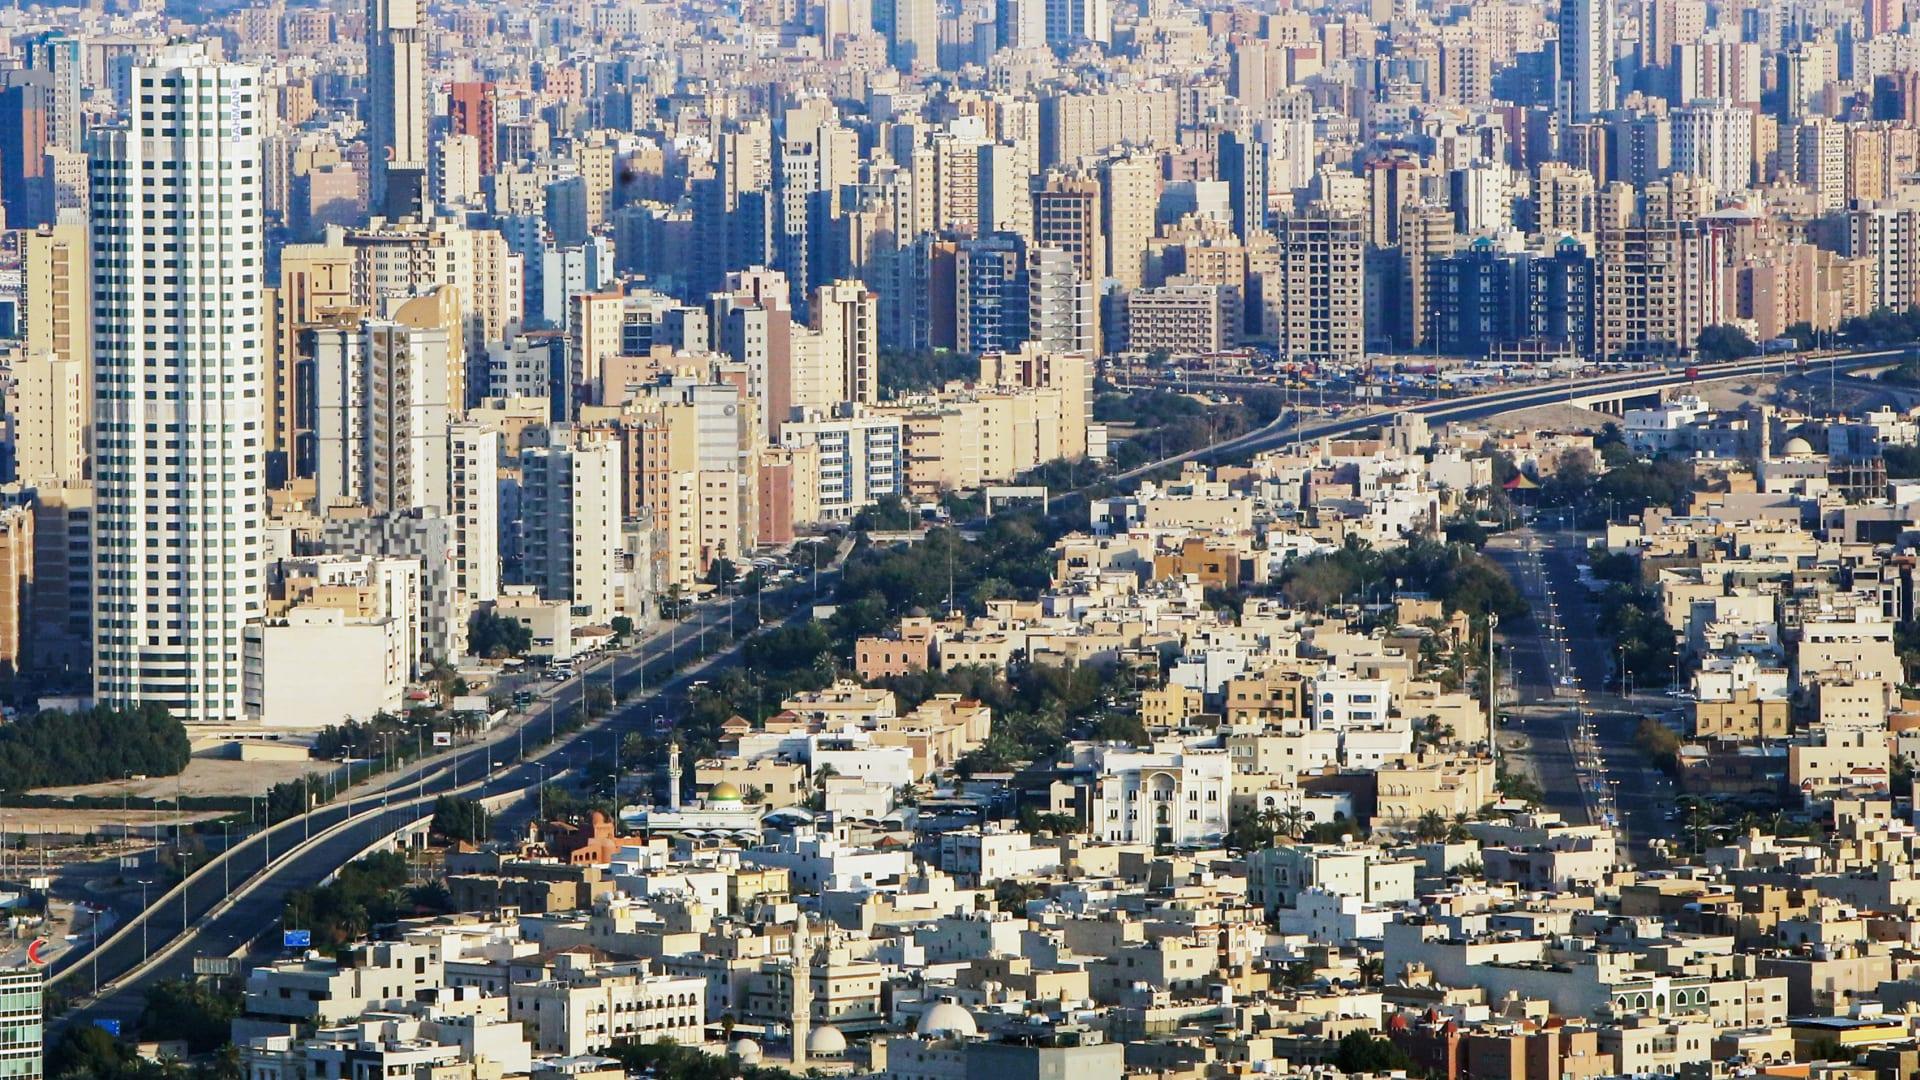 صورة أرشيفية عامة من الكويت العاصمة